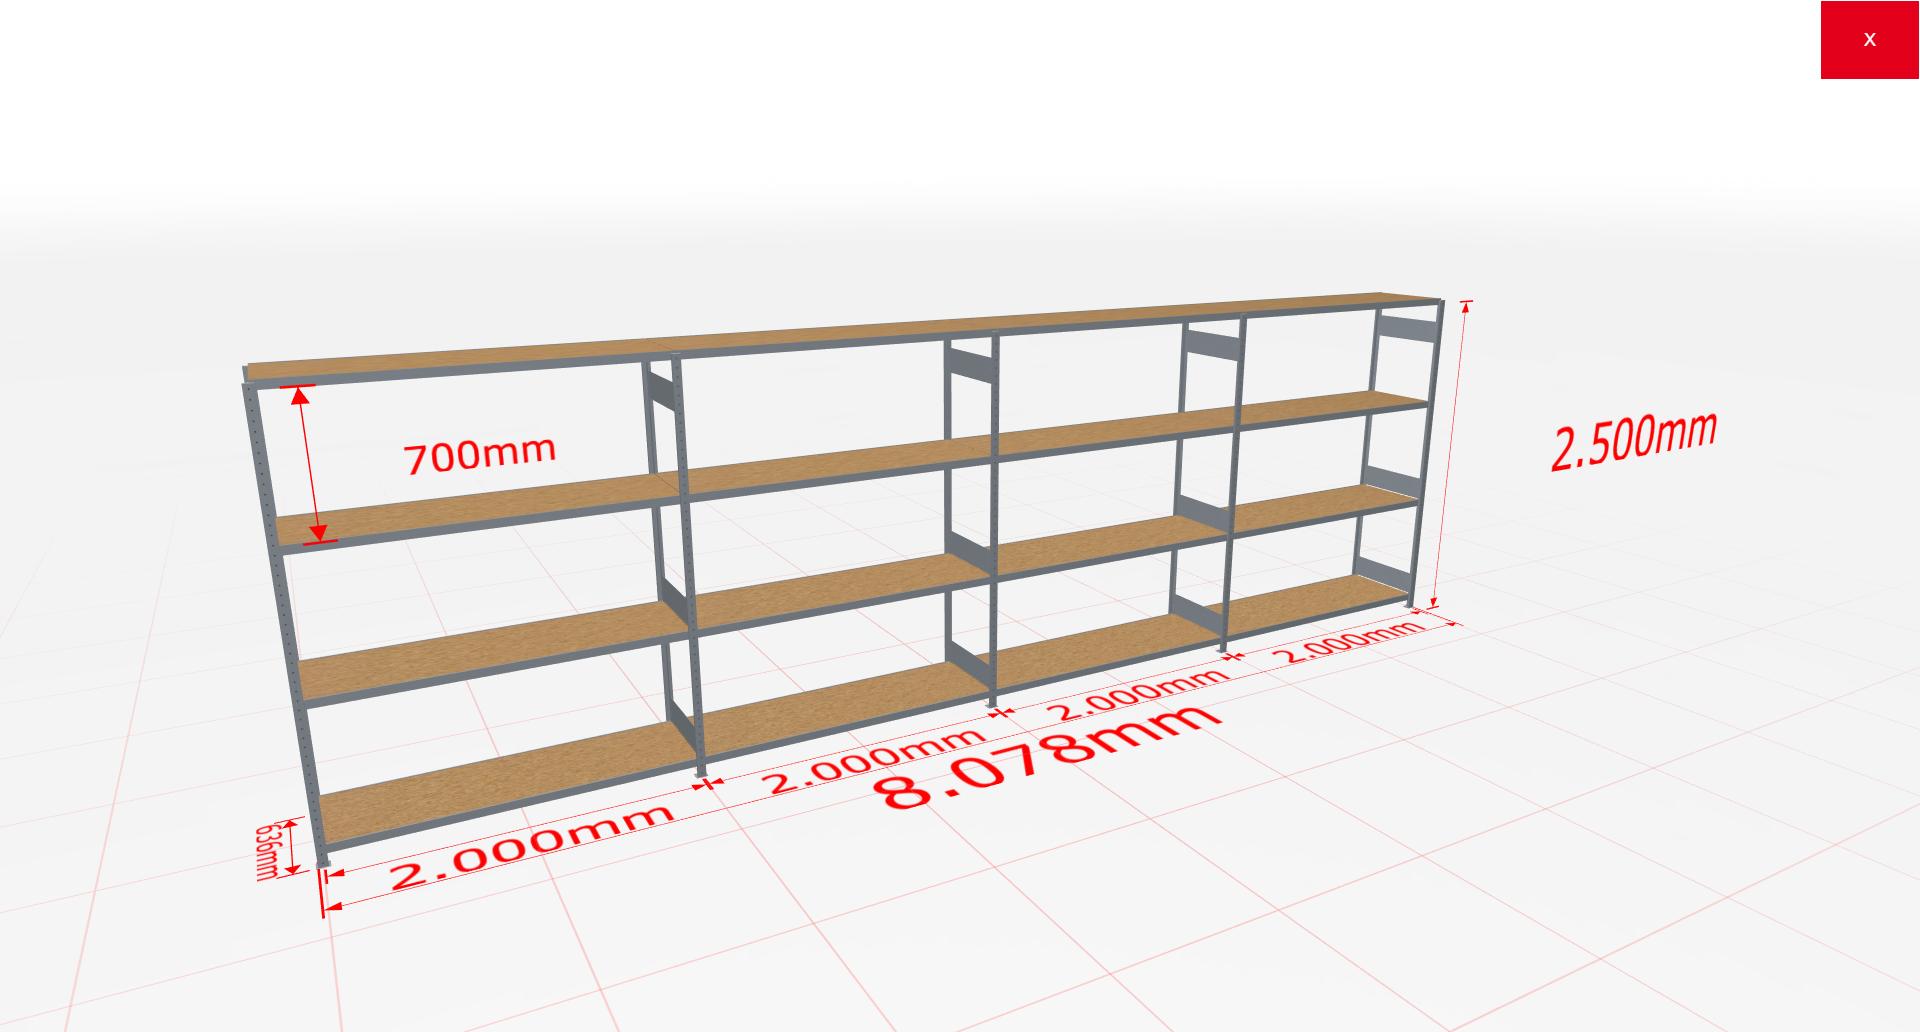 Weitspannregal Komplettregal 2500x8078x600 mm (HxBxT) SCHULTE Lagertechnik verzinkt mit Spanplattenböden